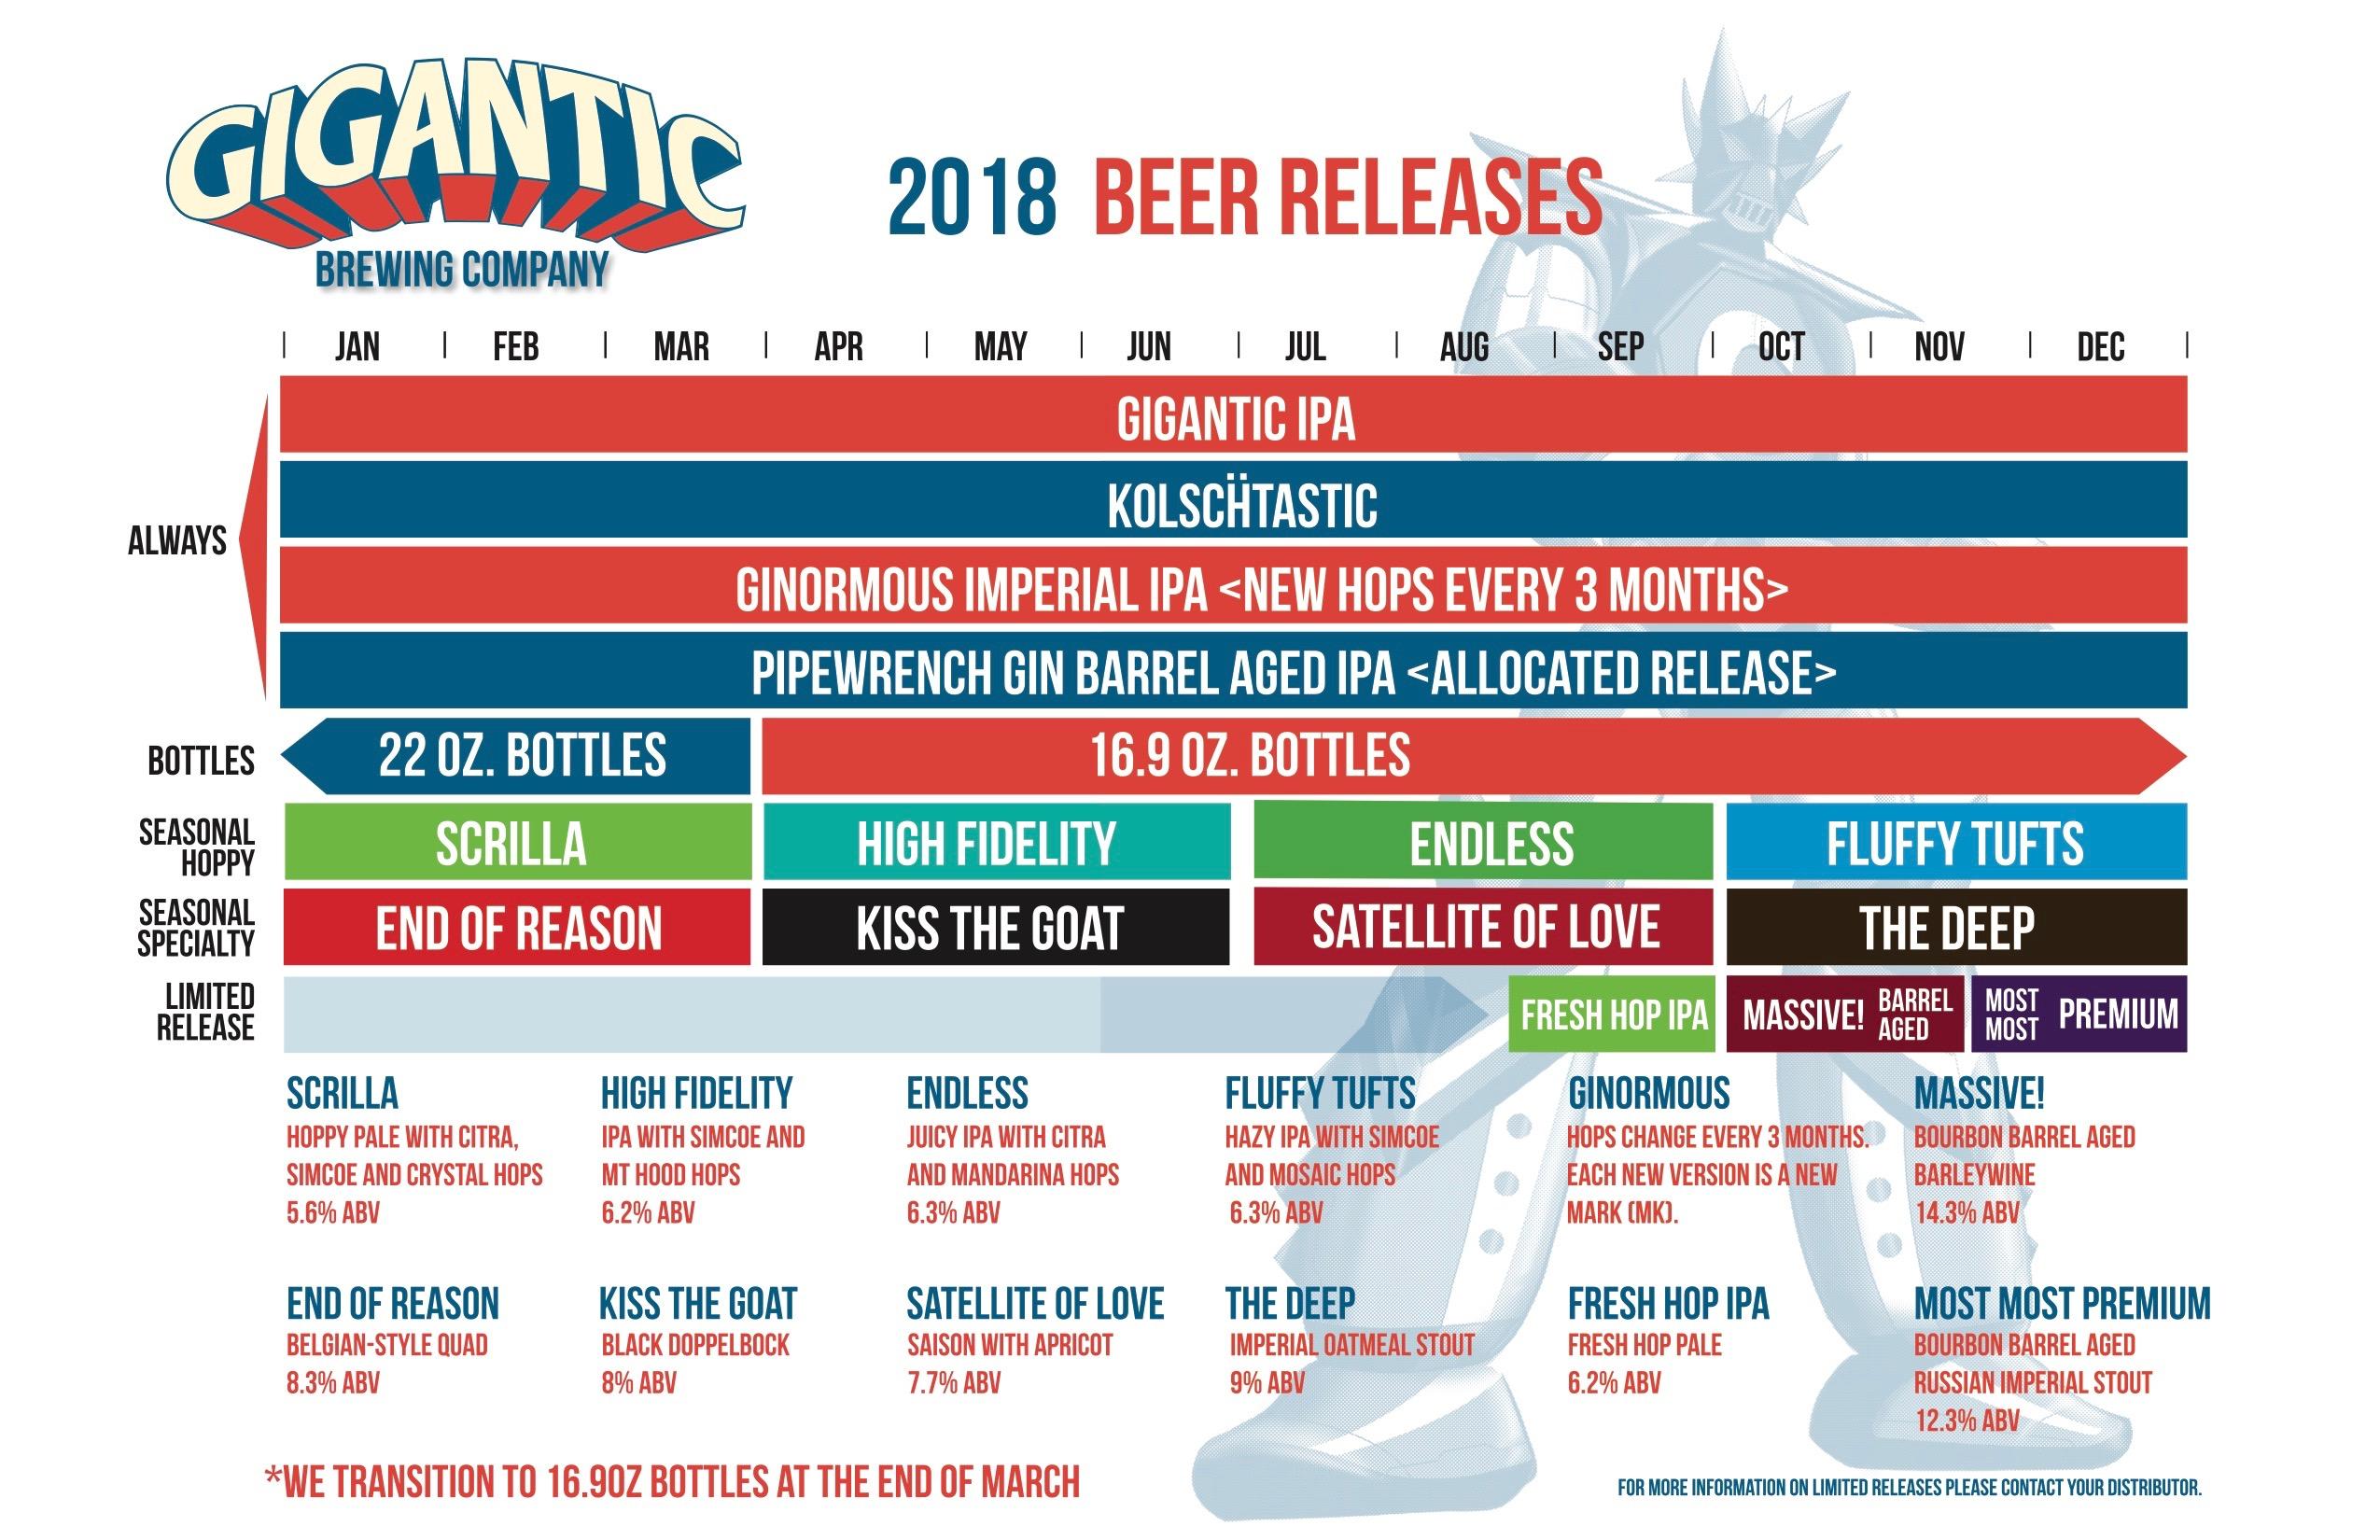 Gigantic Brewing 2018 Beer Release Calendar